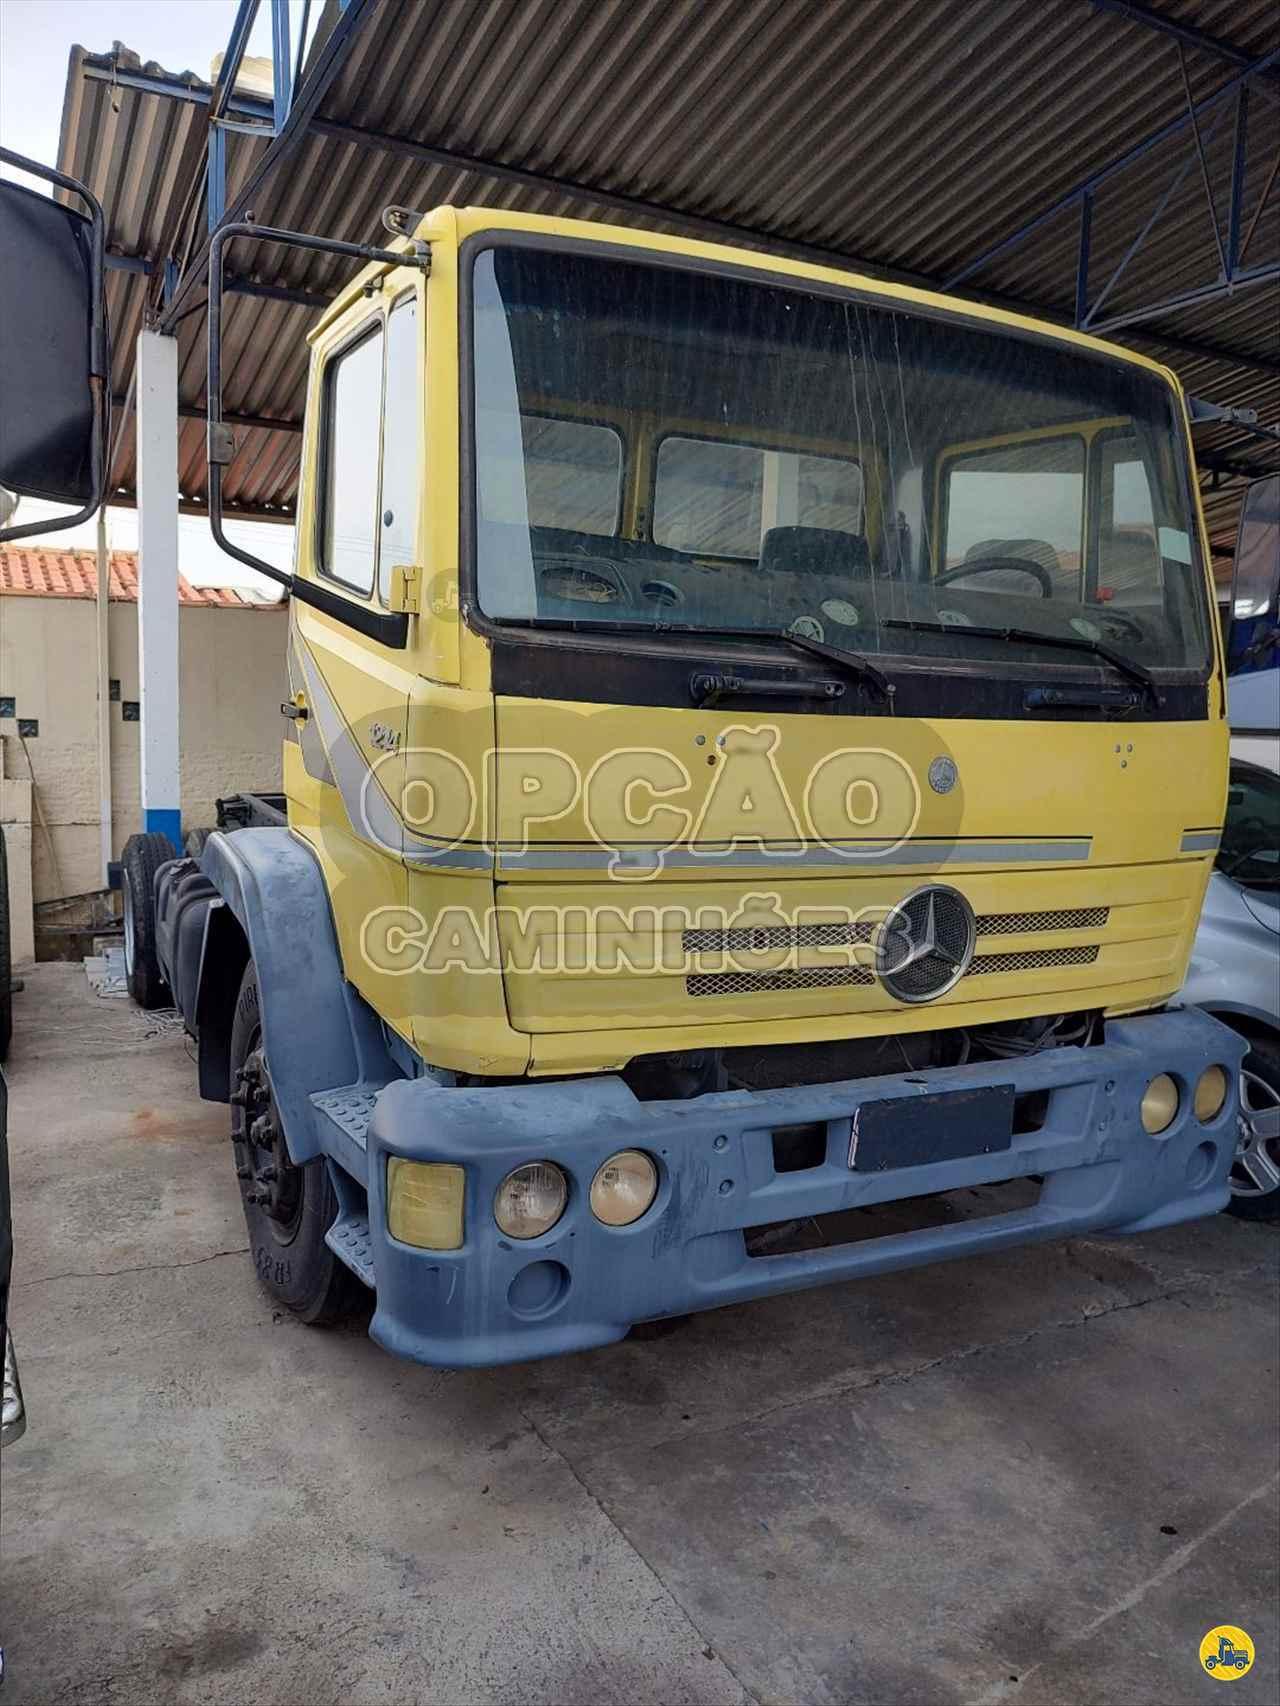 CAMINHAO MERCEDES-BENZ MB 1214 Chassis Toco 4x2 Opção Caminhões CAMPINAS SÃO PAULO SP